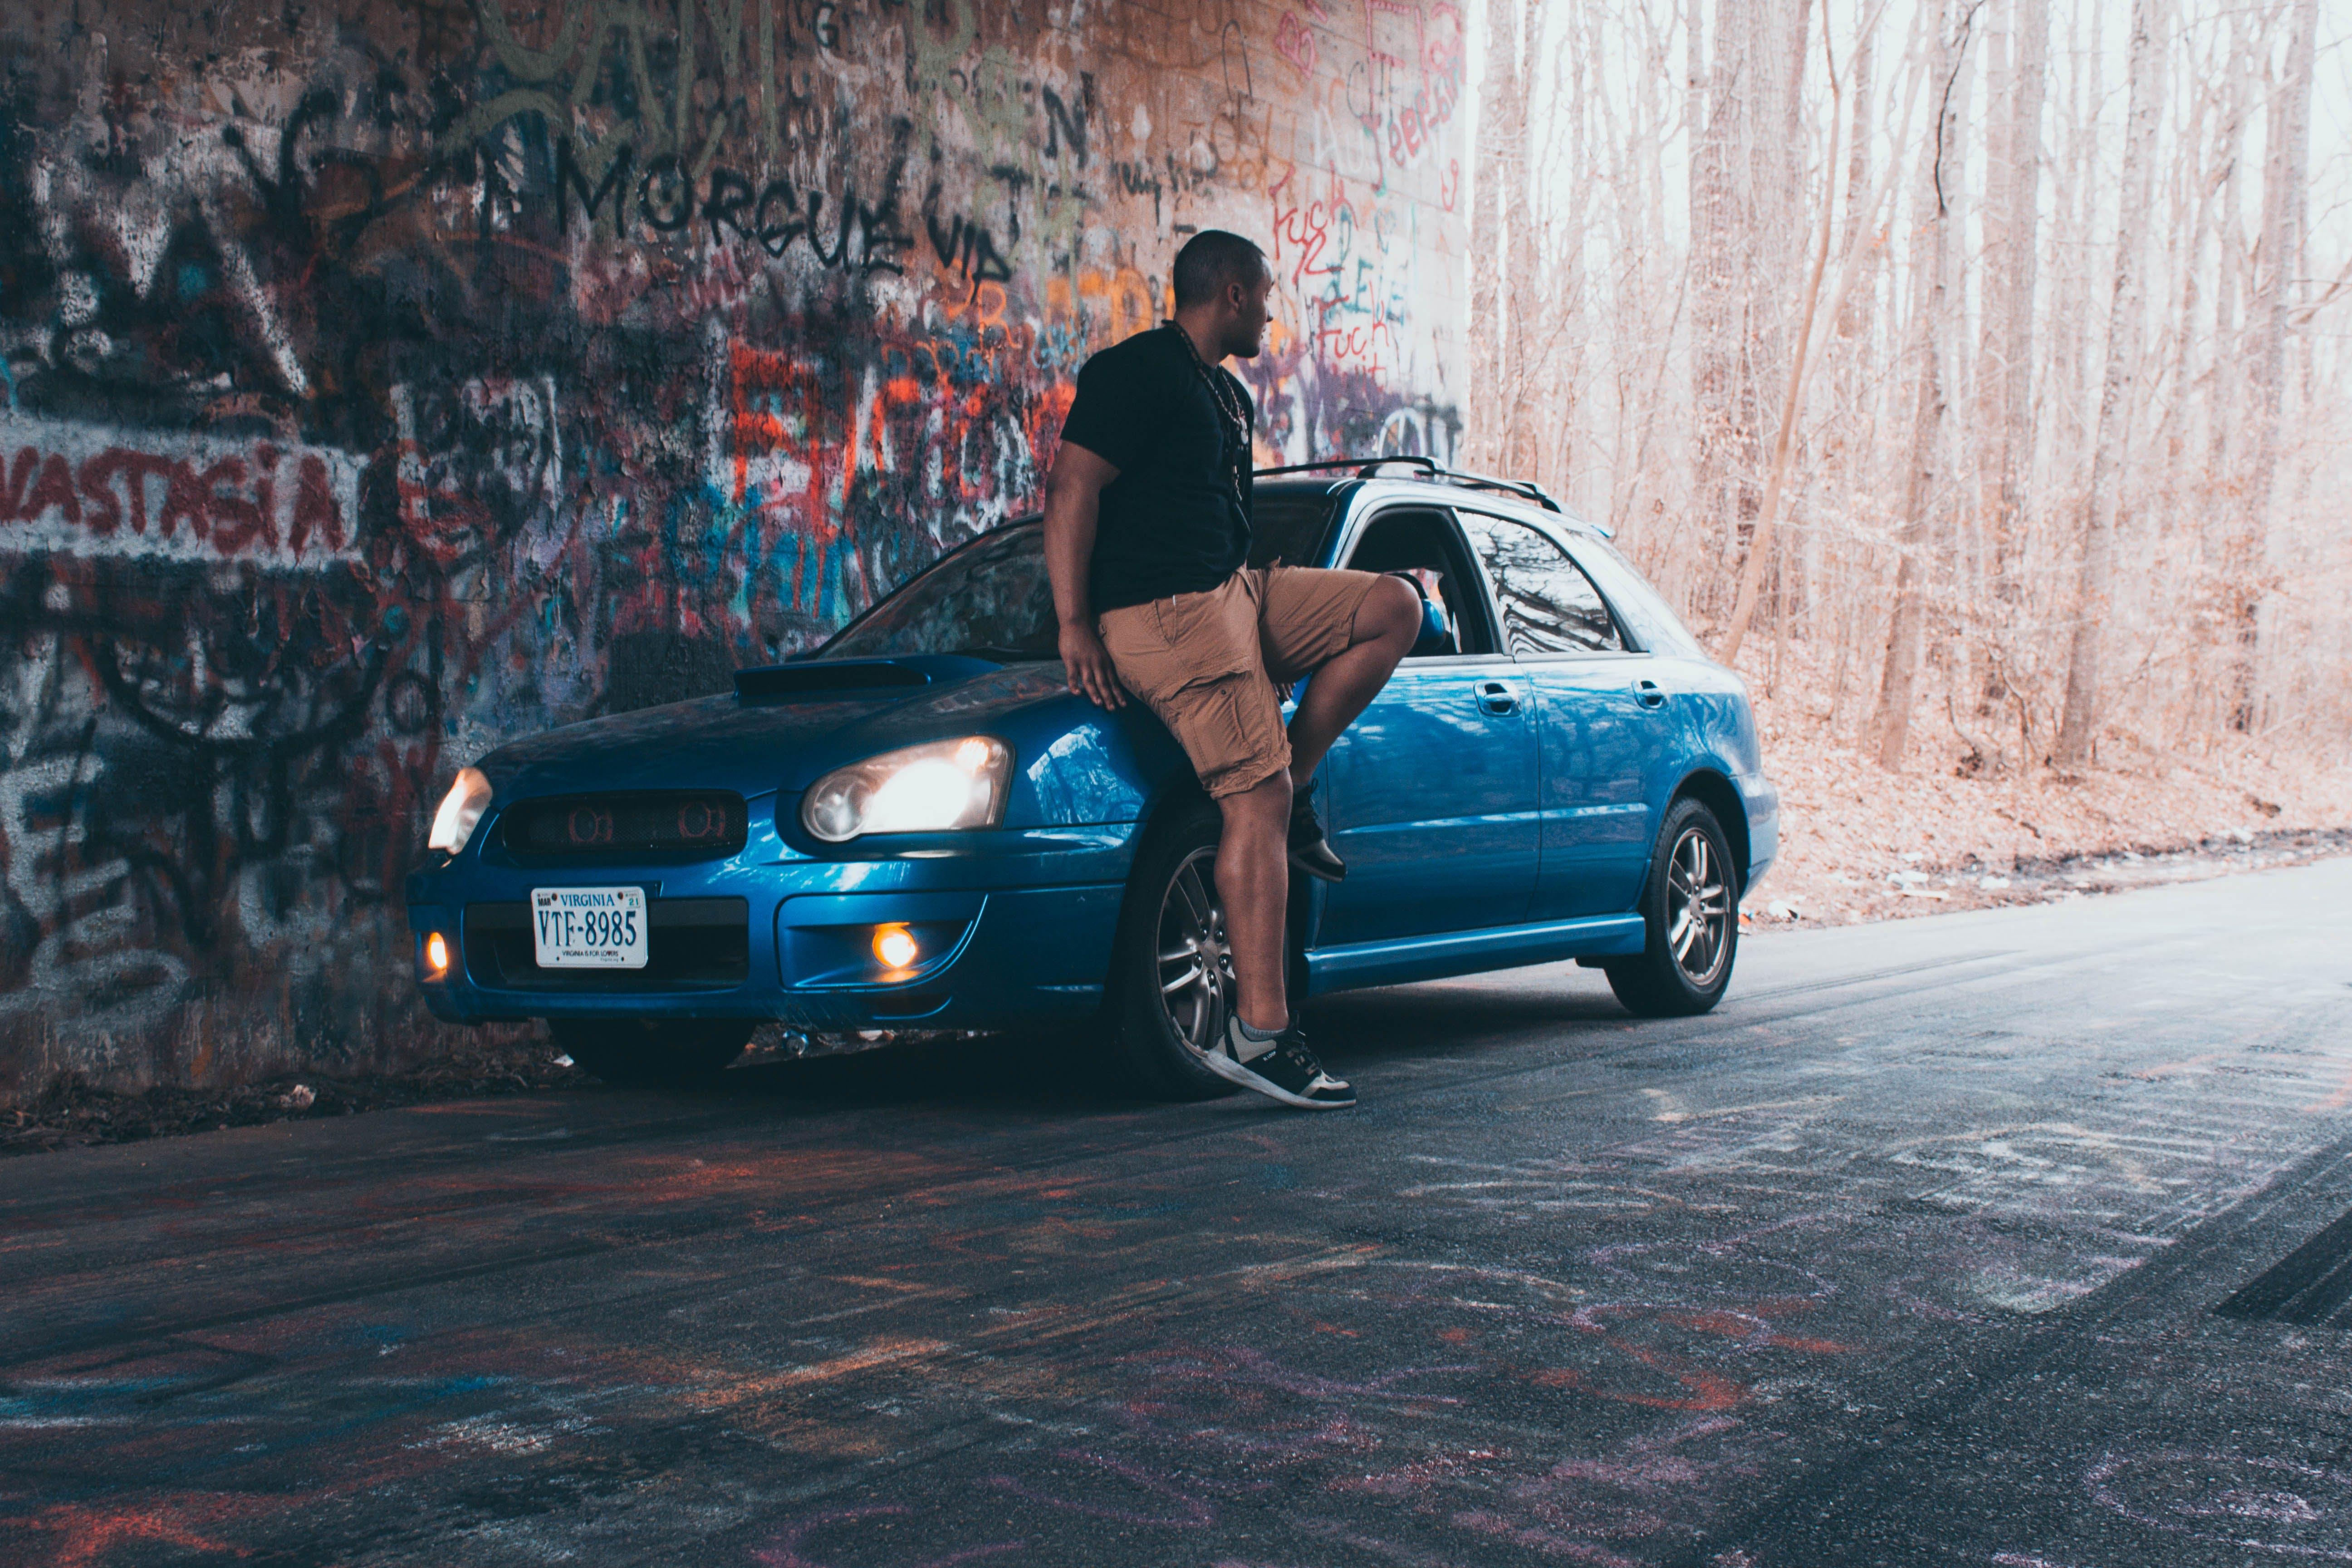 남자, 다른 곳을 바라보는, 도로, 블루의 무료 스톡 사진